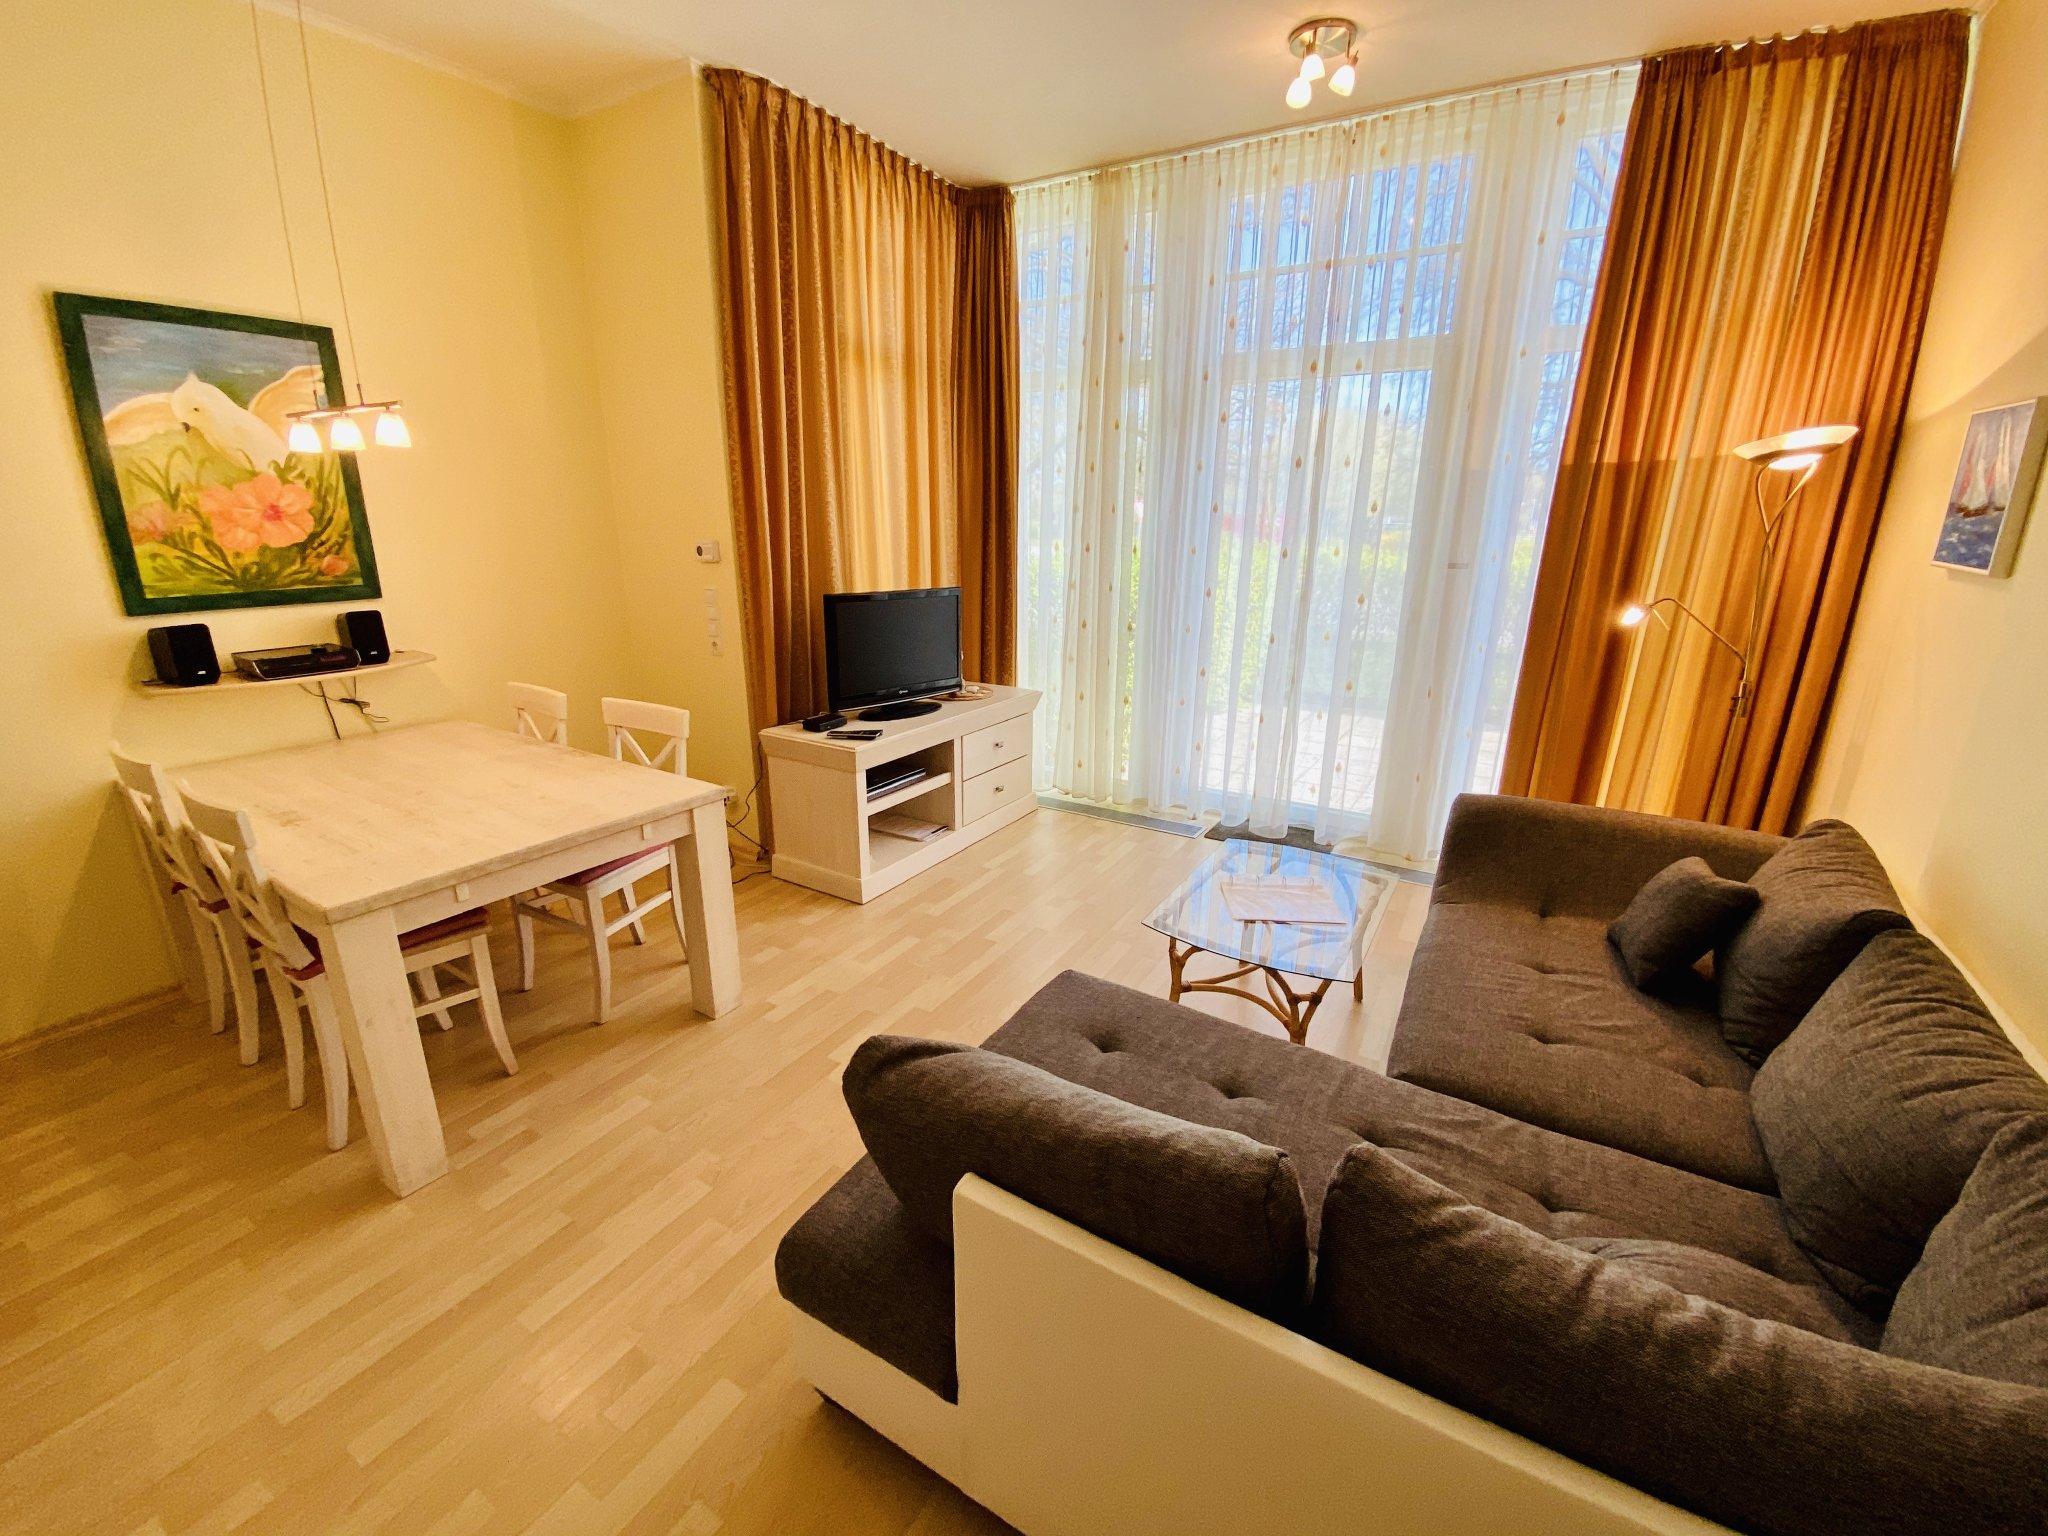 Zusatzbild Nr. 02 von Residenz Lotsenhaus - Ferienwohnung Ostseewelle